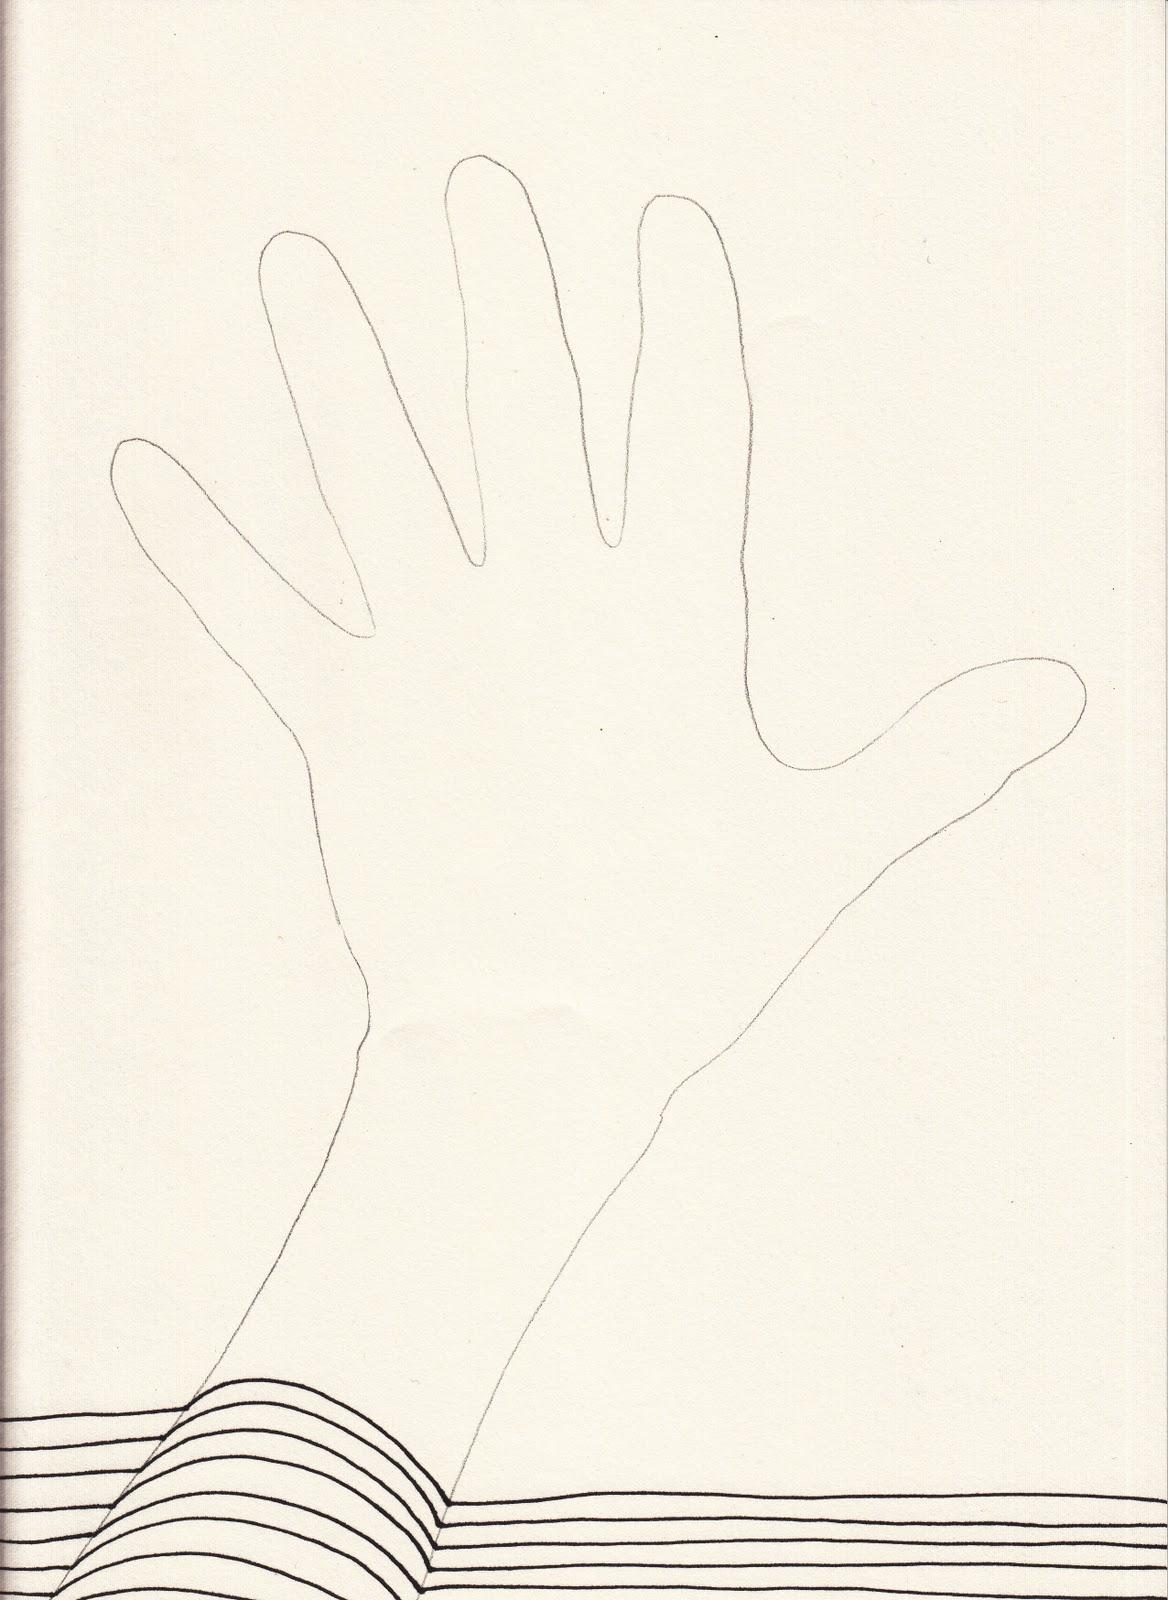 The Creative Spirit Op Art Hands That Pop